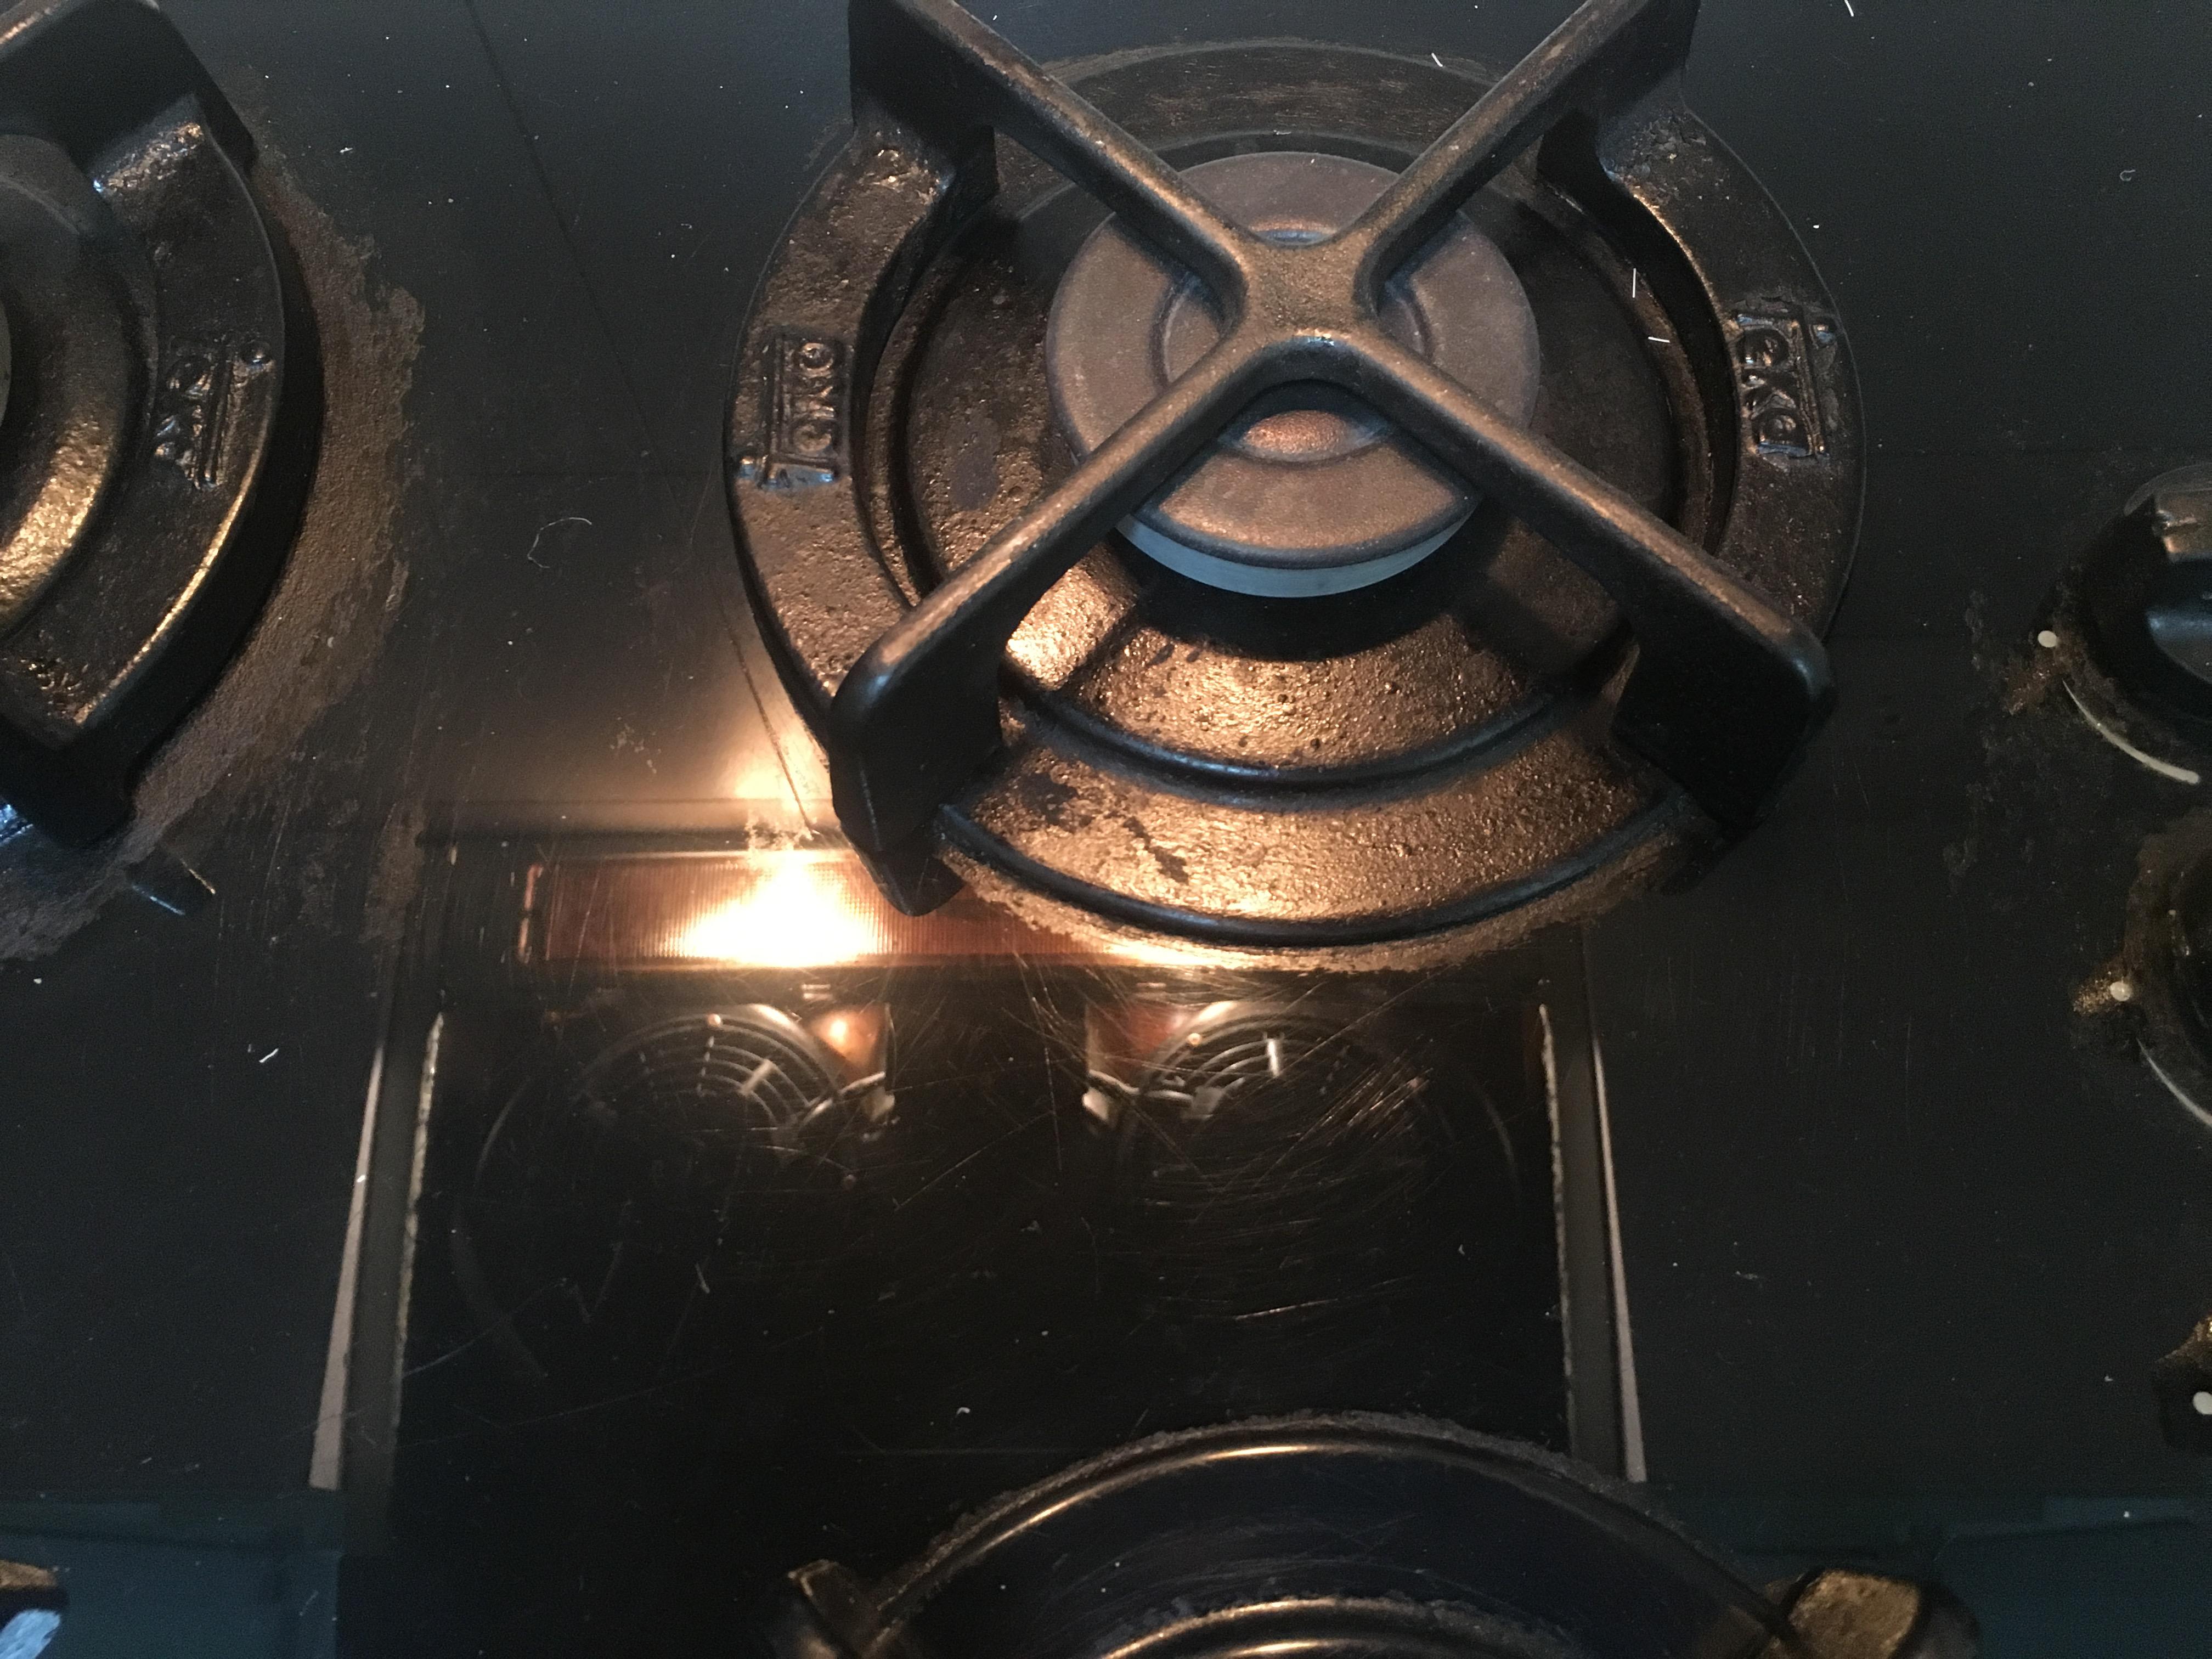 grimy stove